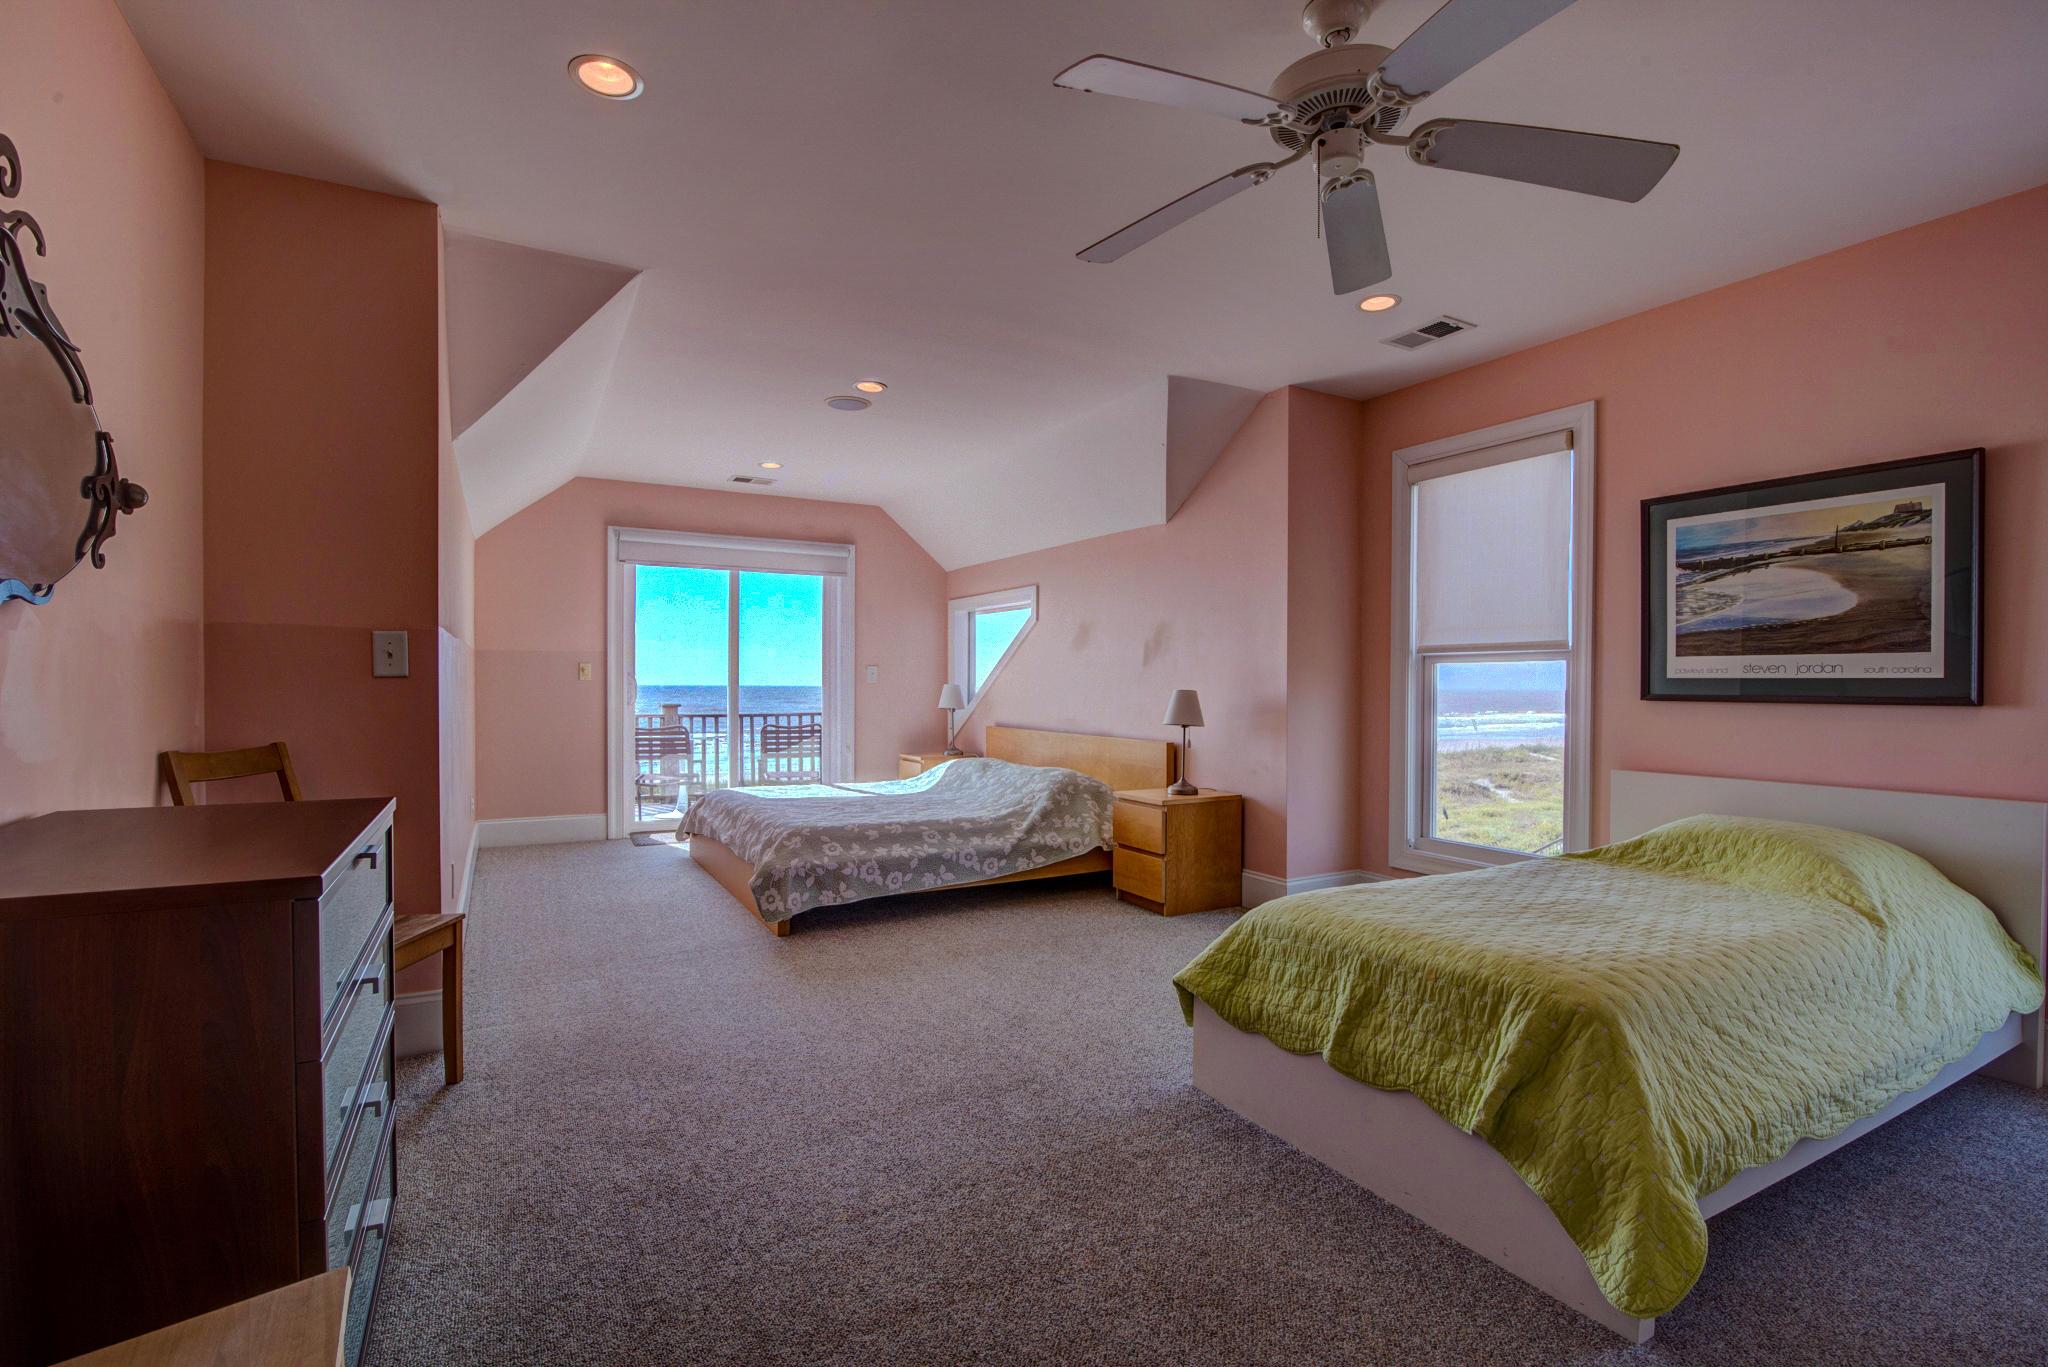 Folly Beach Homes For Sale - 319 Arctic, Folly Beach, SC - 41